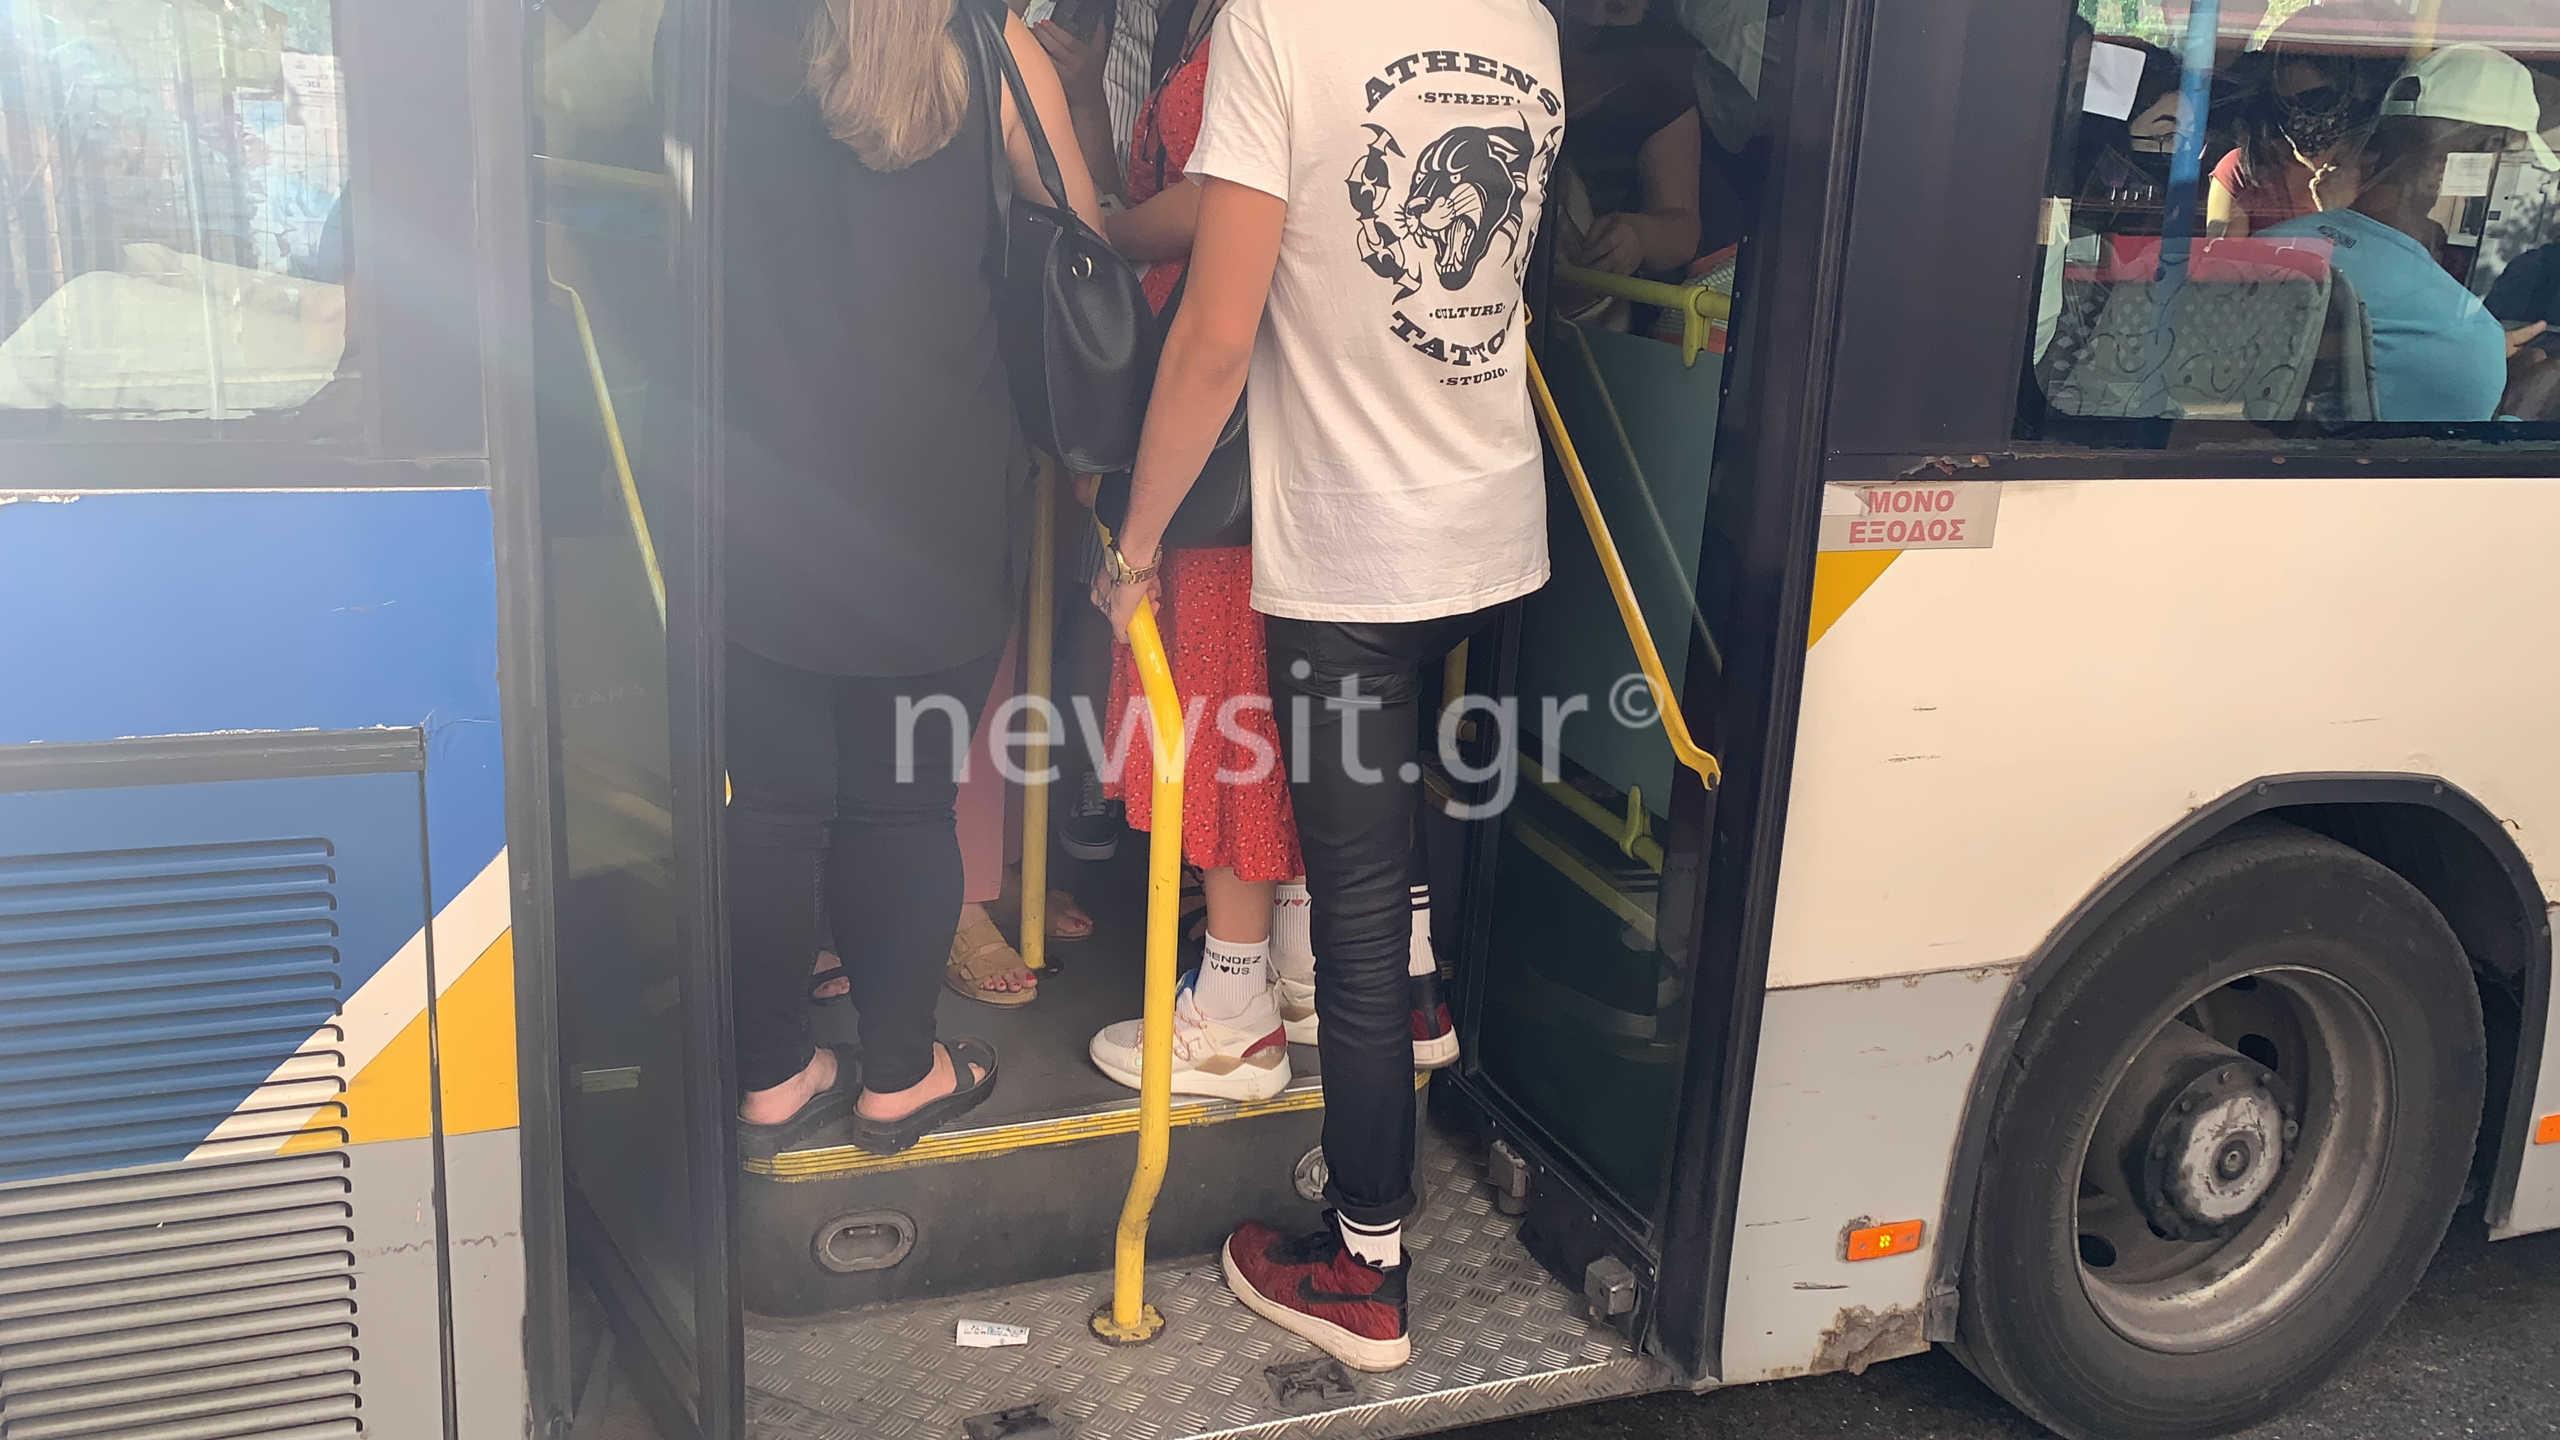 """Κορονοϊός: """"Ανέκδοτο"""" τα μέτρα στα μέσα μεταφοράς! Κόσμος στοιβάζεται σαν τις """"σαρδέλες"""" (pics, video)"""